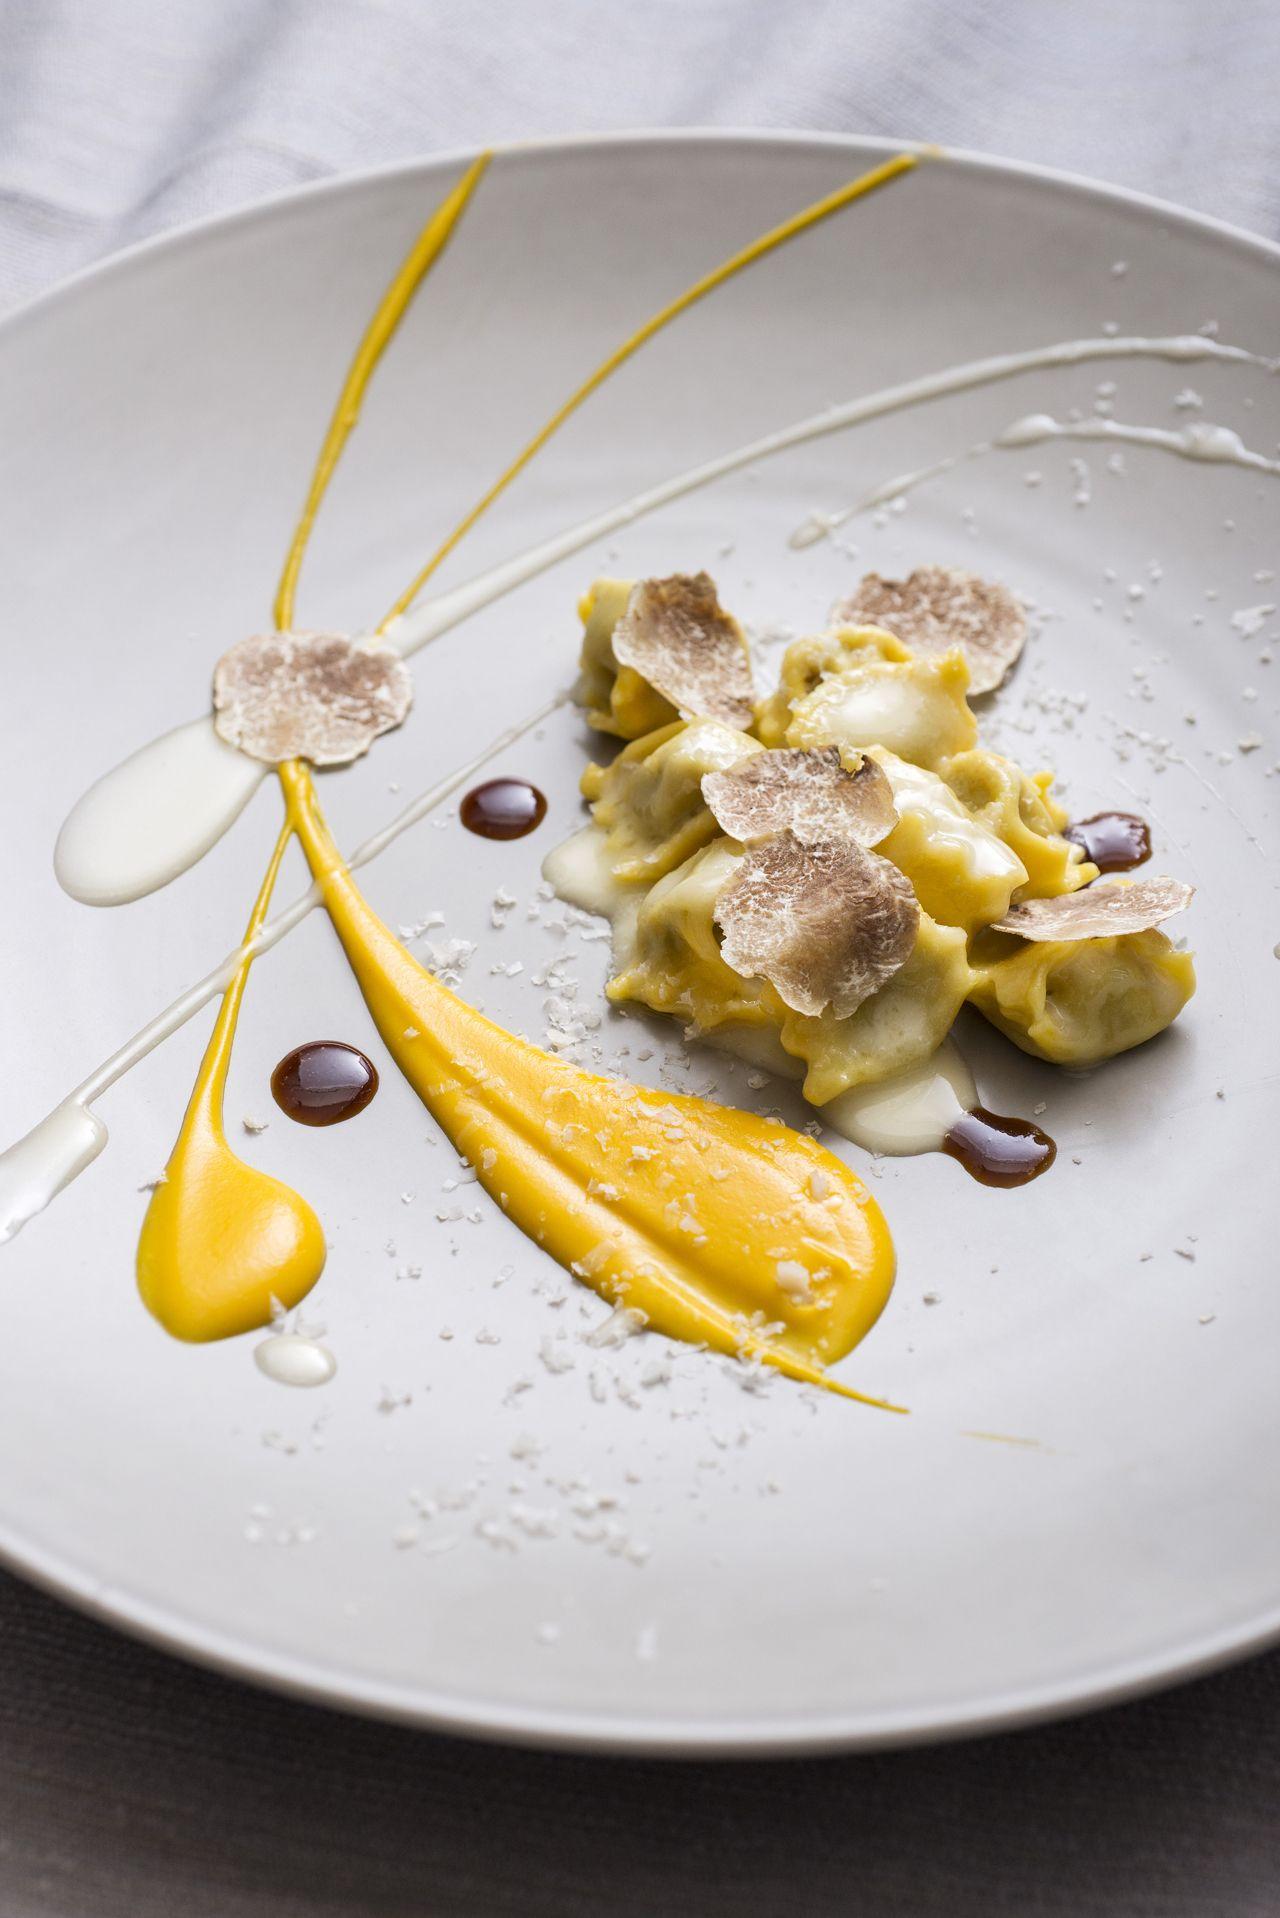 Italian Gastronomy | Cibo, Piatti e Cucina